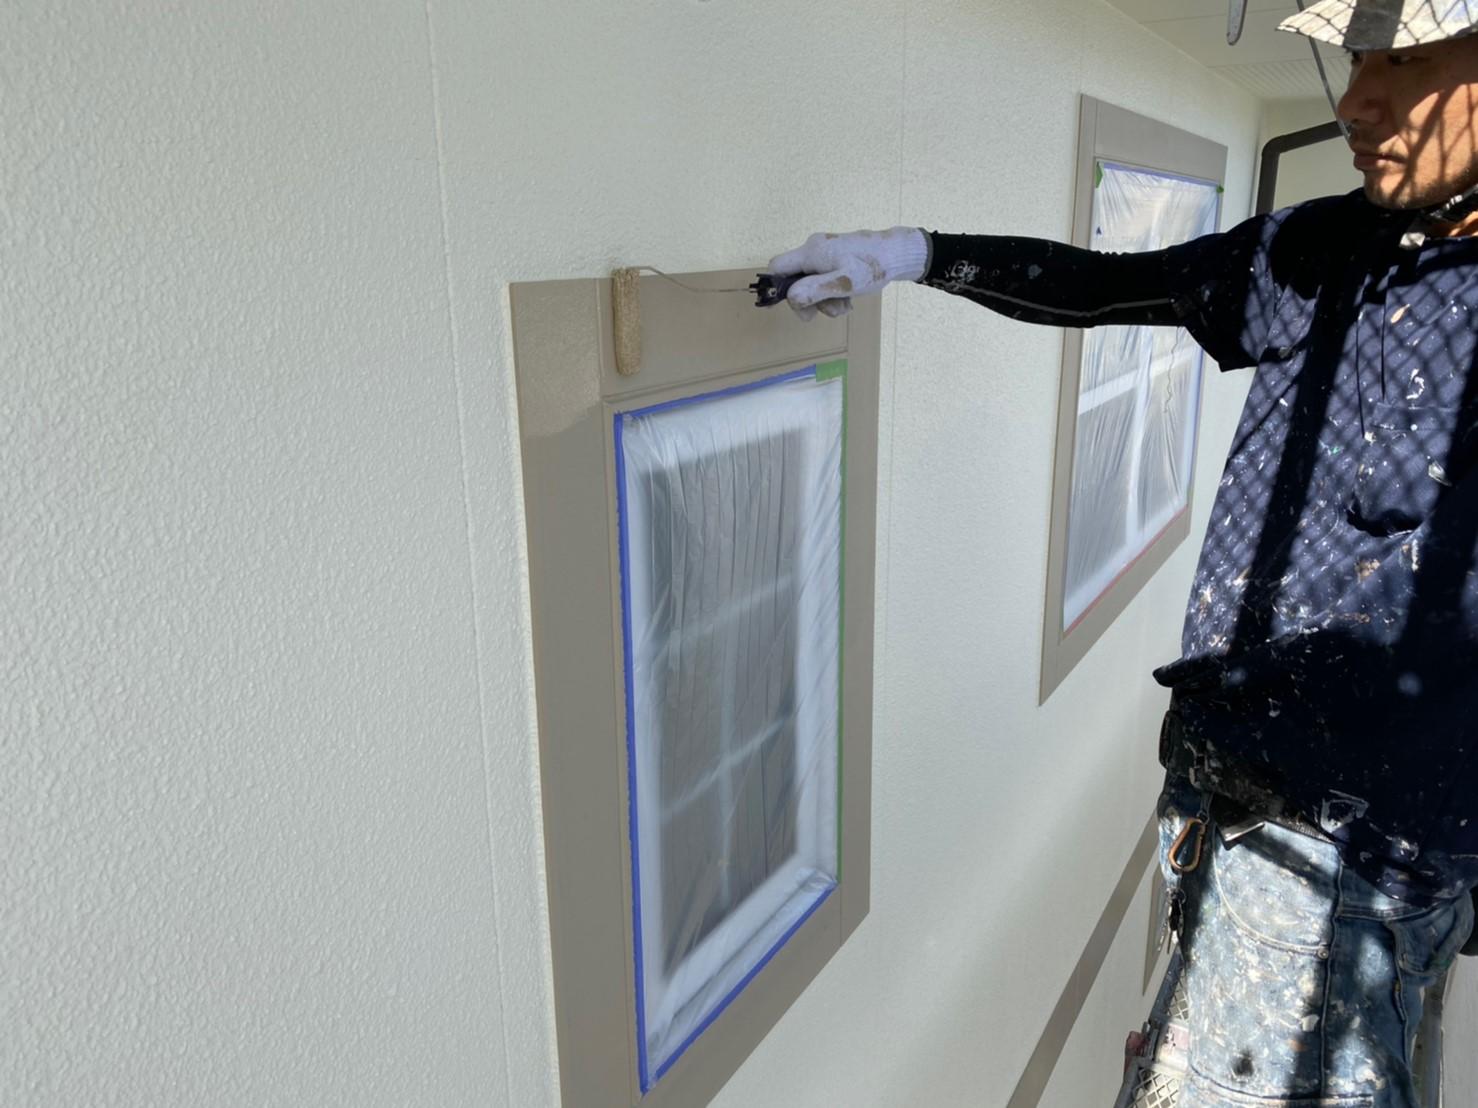 U邸窓枠塗装1